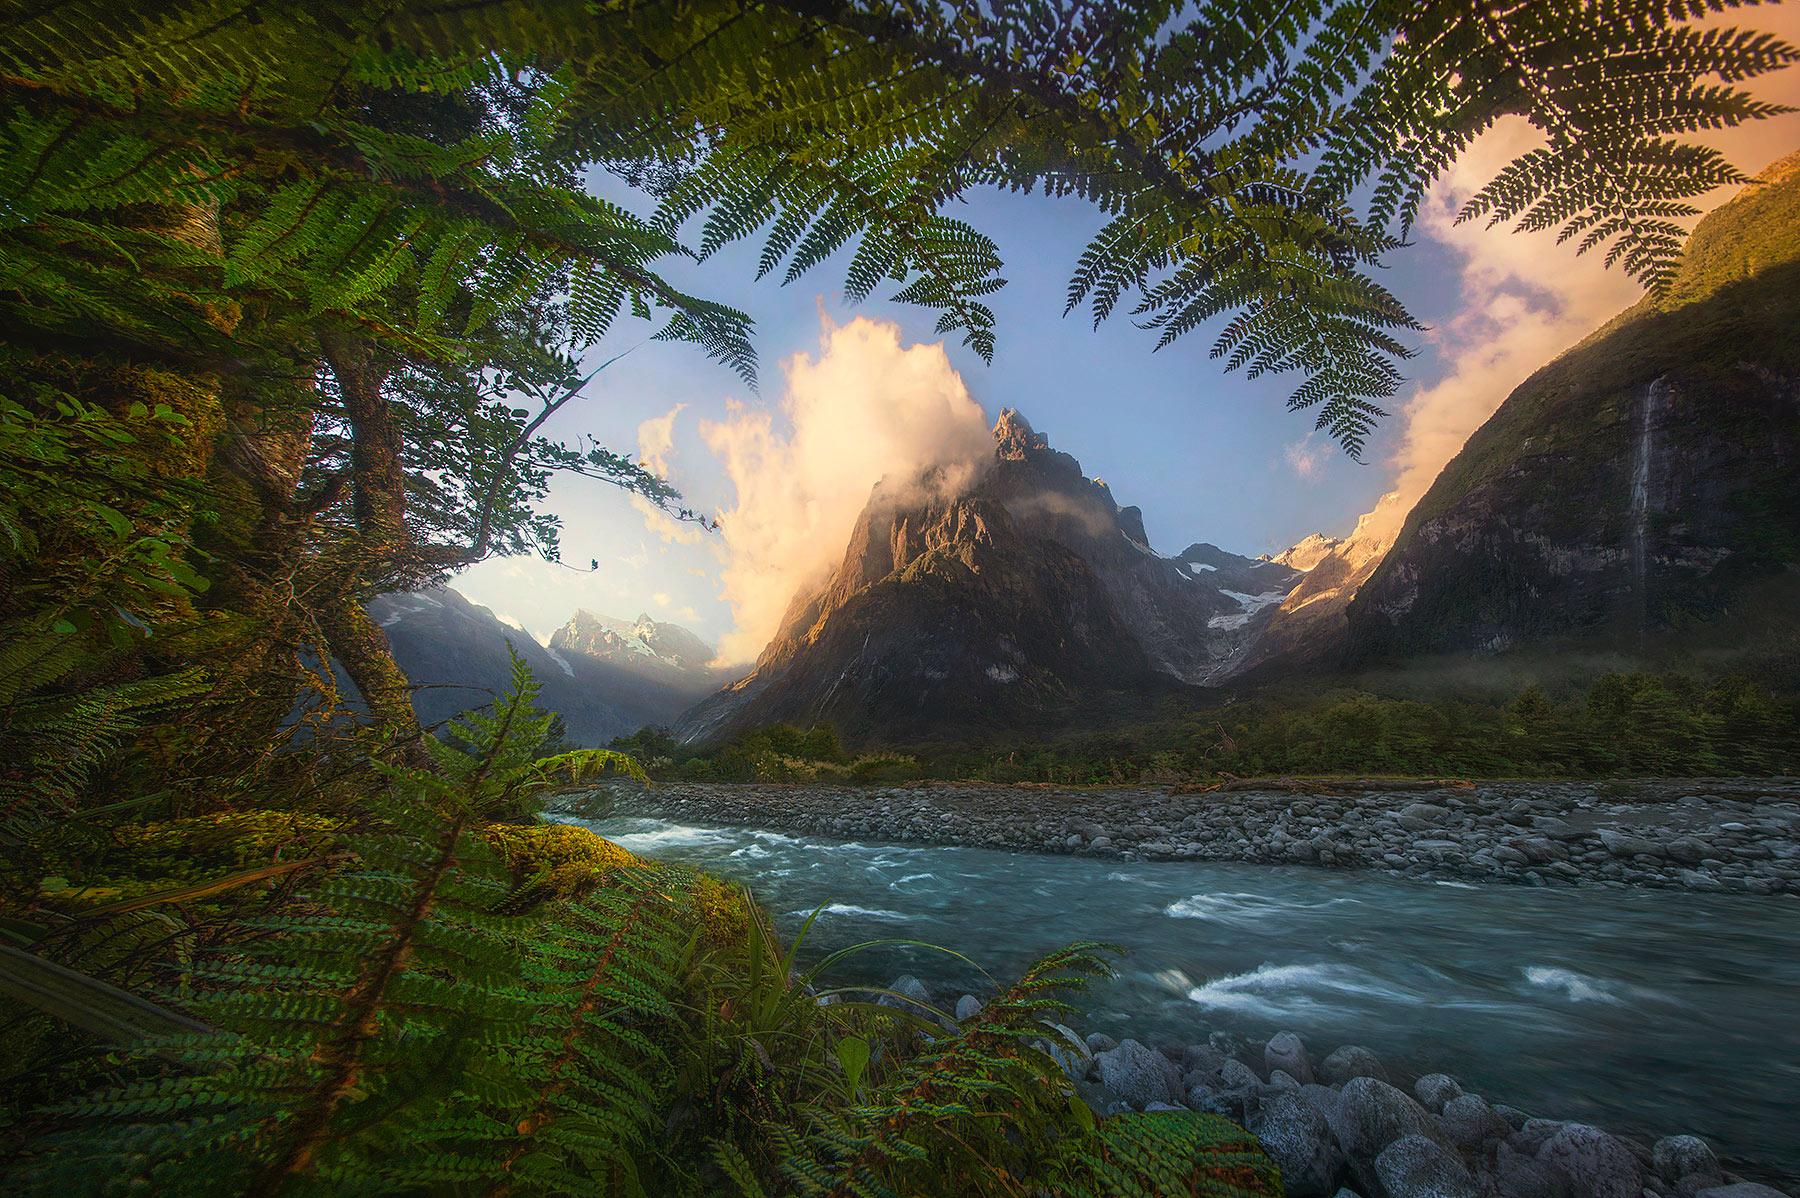 New Zealand, ferns, tutuko, mountain, glacial, photo